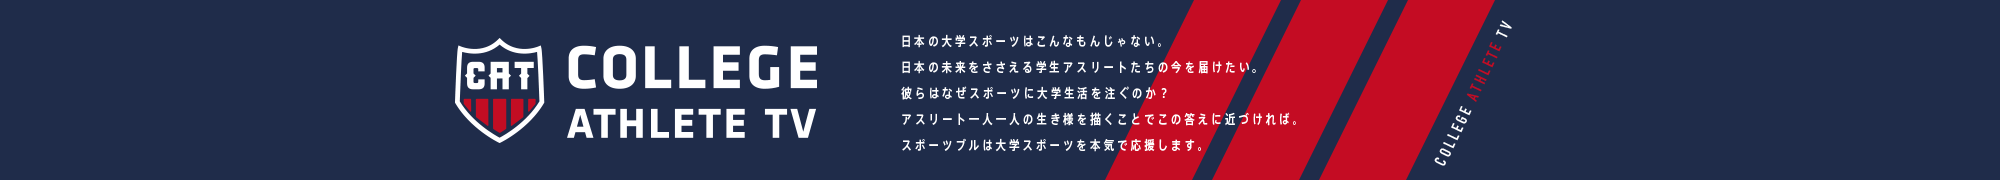 再び神宮に球音が響く日を夢見て。新型コロナウイルスの感染拡大の影響で開幕延期を余儀なくされた東京六大学春季リーグ戦。4月11日に開幕していたら、果たしてどんな布陣で戦っていたのか―…